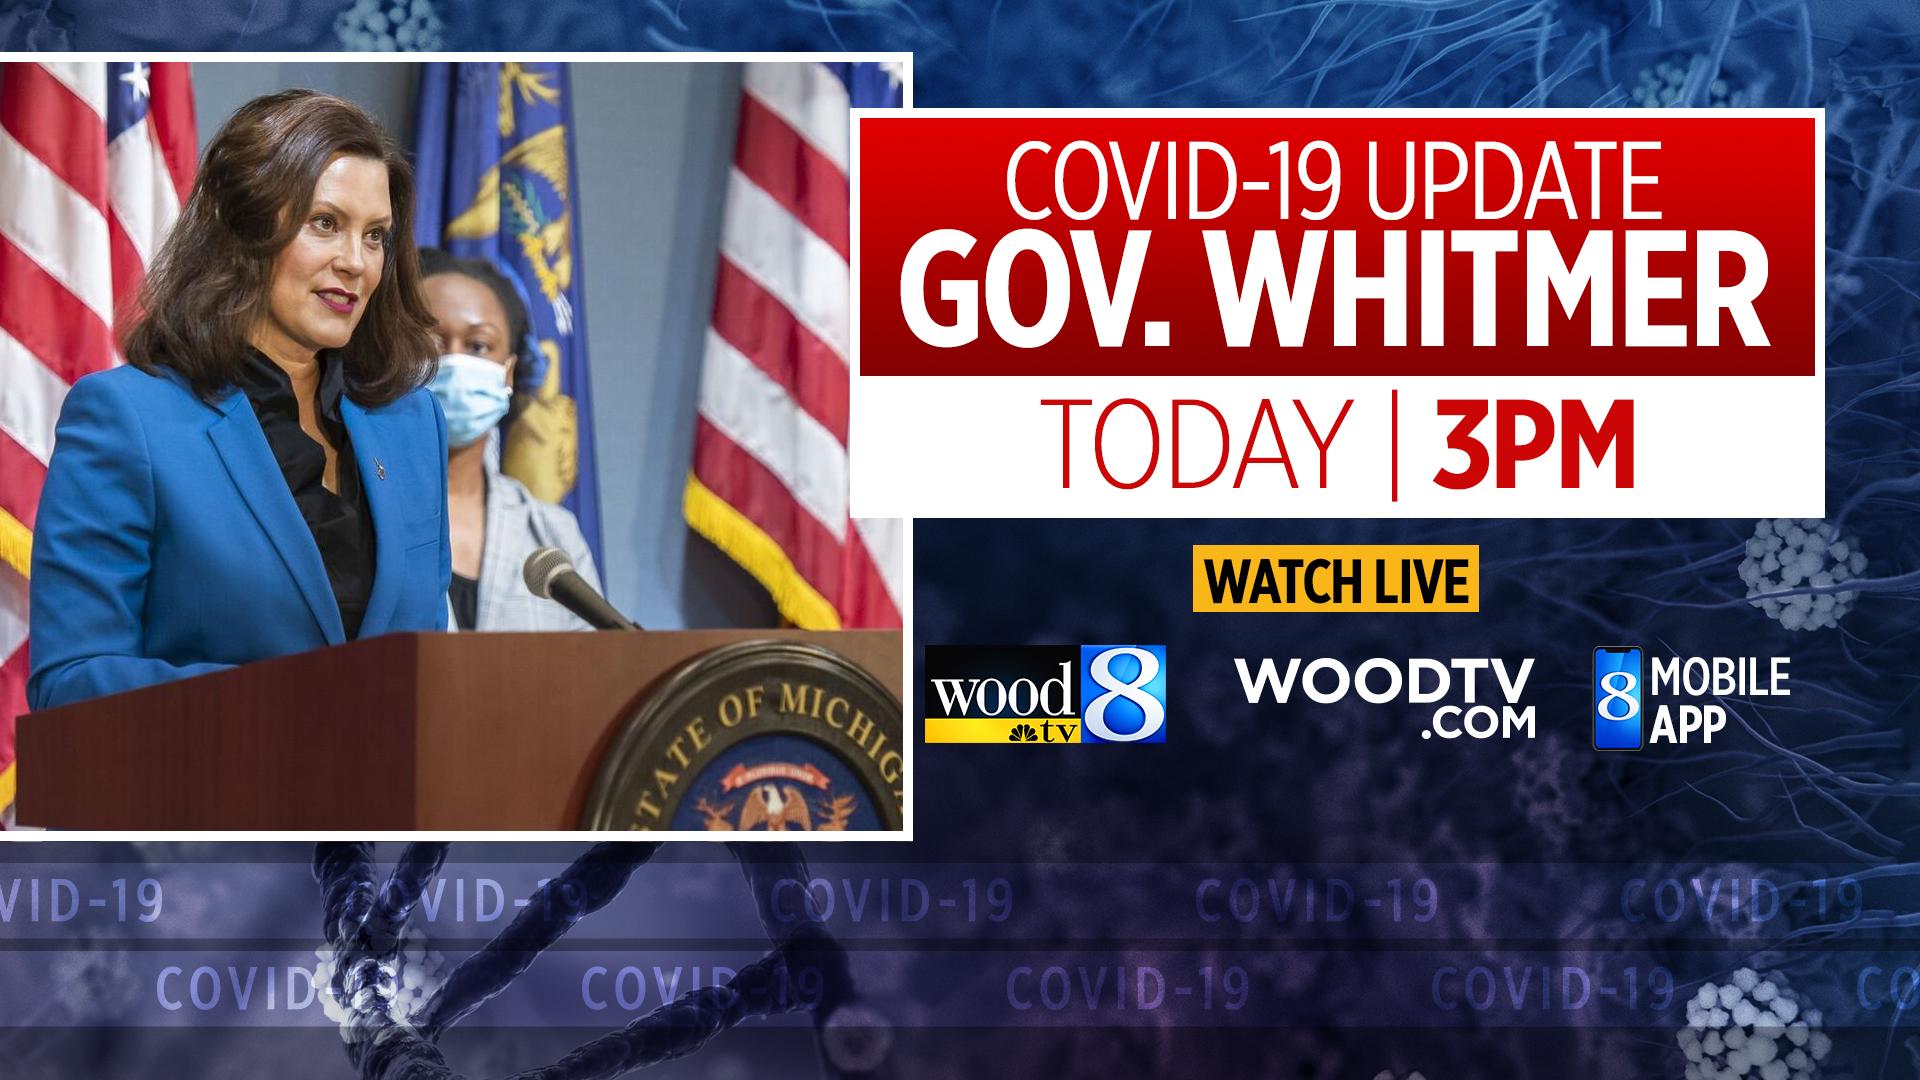 Michigan Officials Urge Vigilance Amid Uptick In Covid 19 Cases Woodtv Com